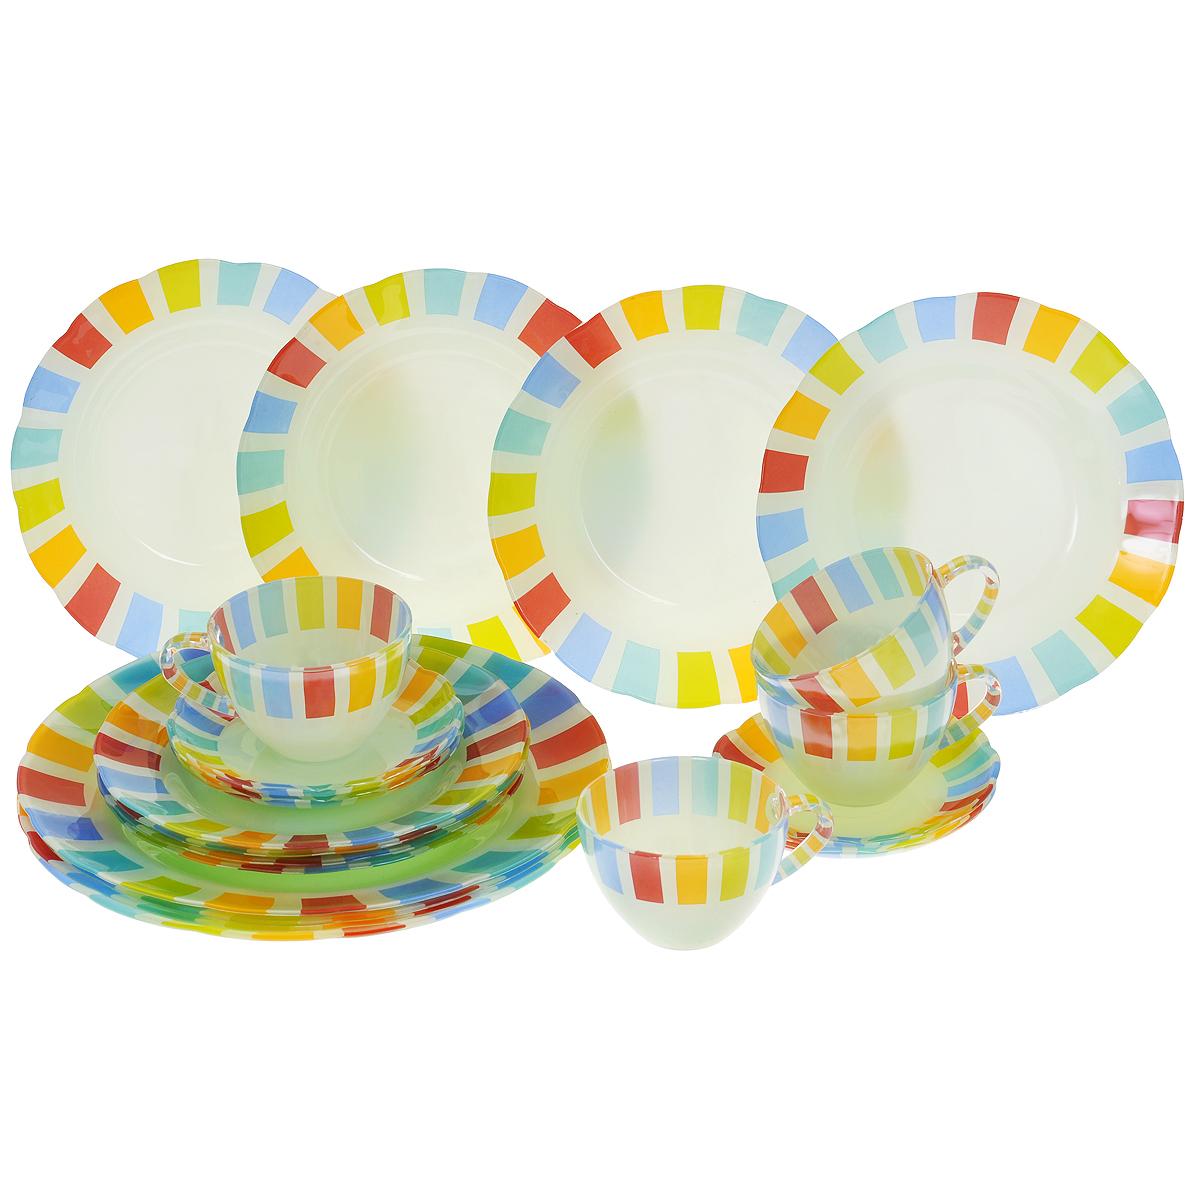 Набор посуды Радуга, 20 предметовFS-91909Набор посуды Радуга состоит из 4 суповых тарелок, 4 обеденных тарелок, 4 десертных тарелок, 4 блюдец, 4 чашек. Изделия выполнены из высококачественного стекла и оформлены яркой разноцветной каймой. Столовый набор эффектно украсит стол к обеду, а также прекрасно подойдет для торжественных случаев.